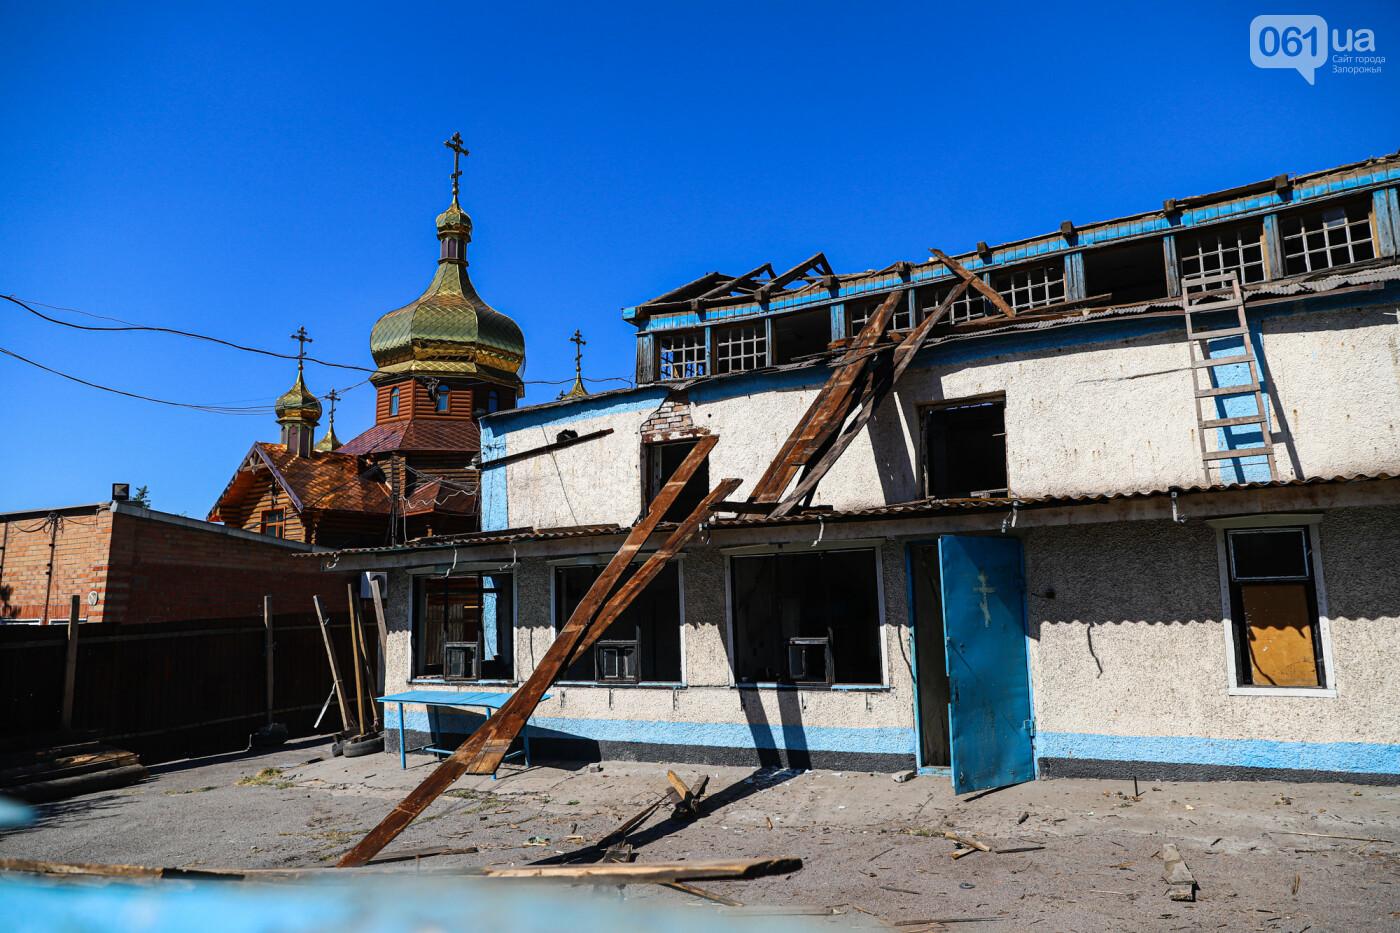 """""""Дело пономарей"""": в Запорожье начали разбирать храм, который пострадал в результате взрыва, - ФОТОРЕПОРТАЖ, фото-7"""